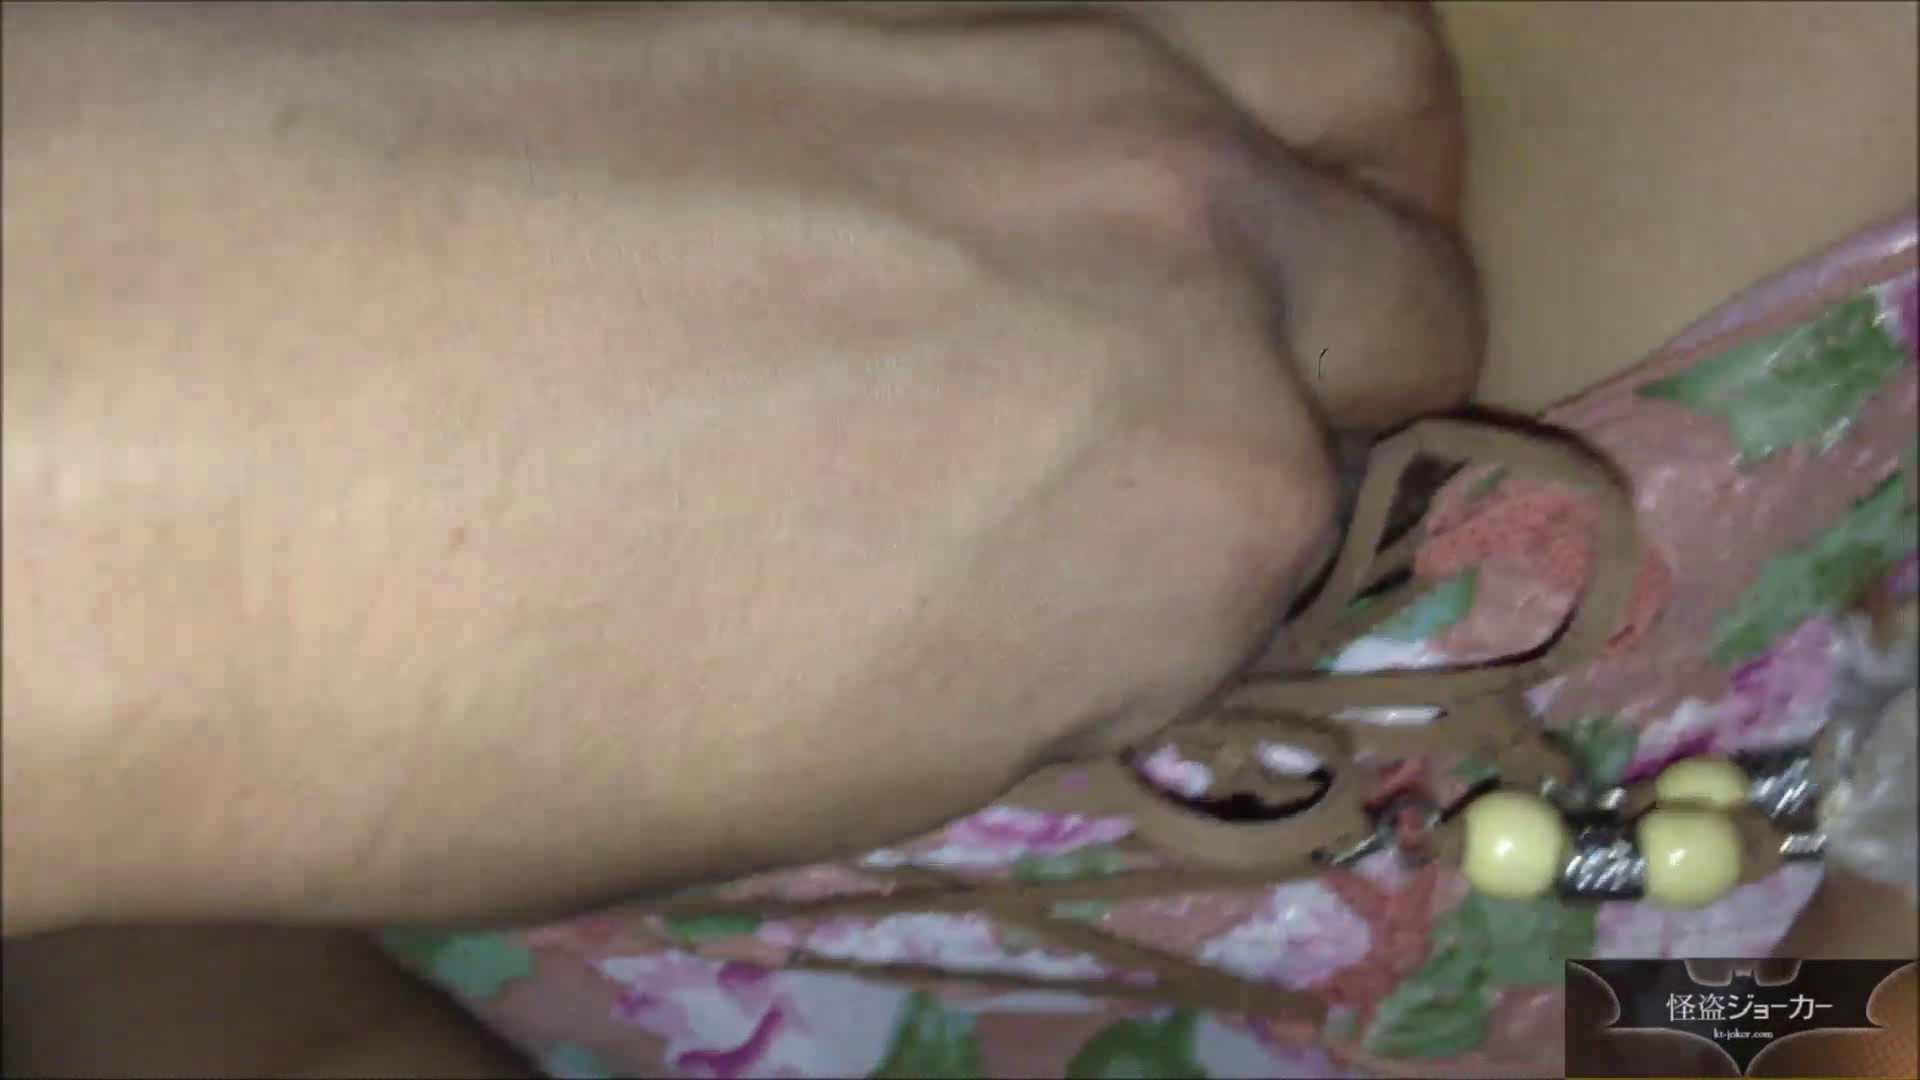 【未公開】vol.68{BLENDA系美女}UAちゃん_甘い香りと生臭い香り エッチすぎる美女 | エッチすぎるOL達  89連発 39